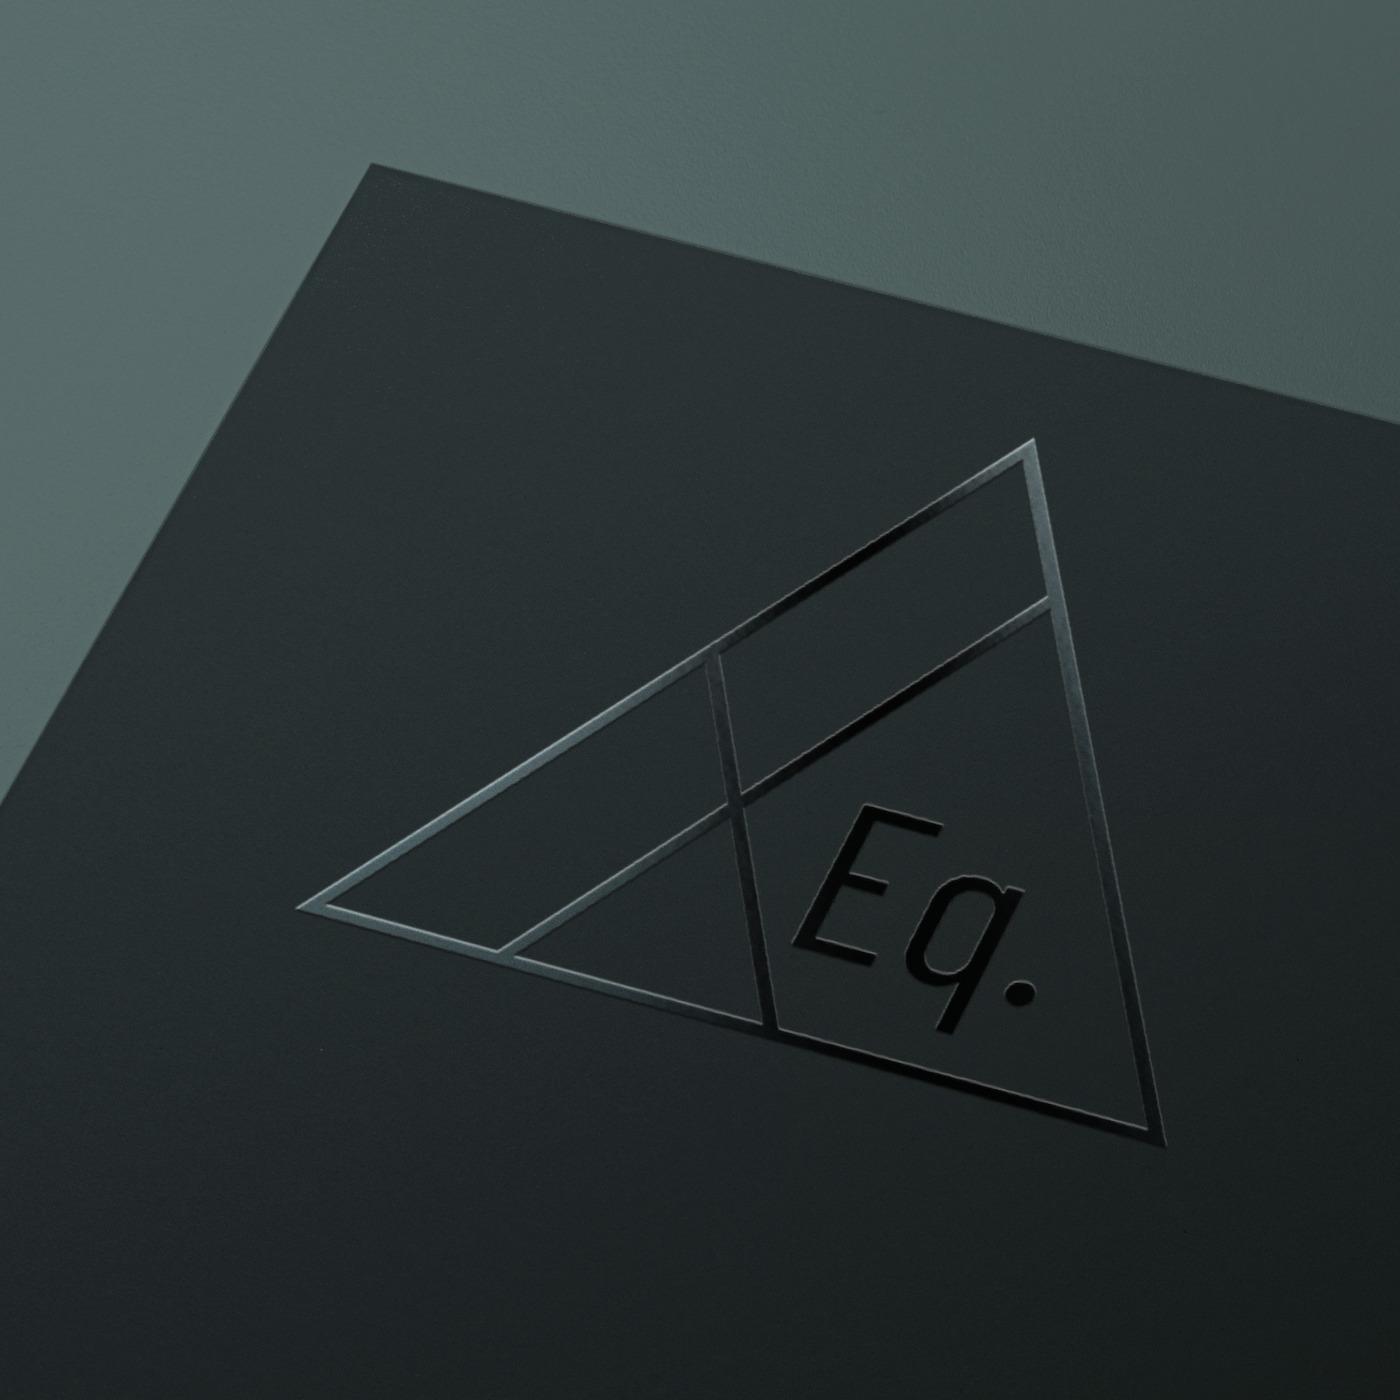 Logo-equilatero